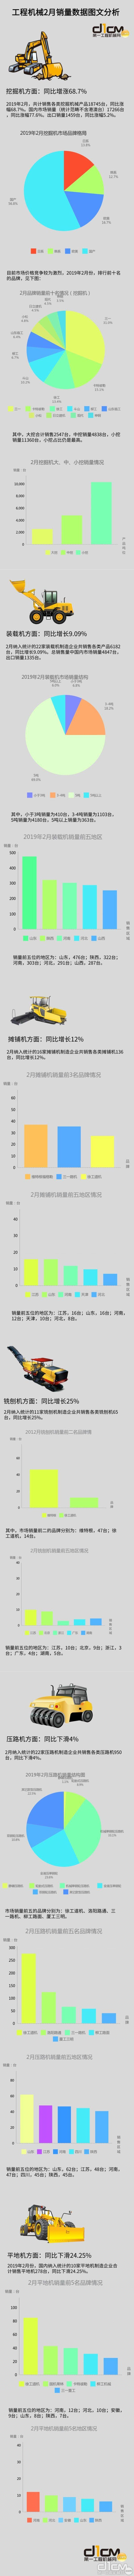 2月工程机械产品销量数据分析